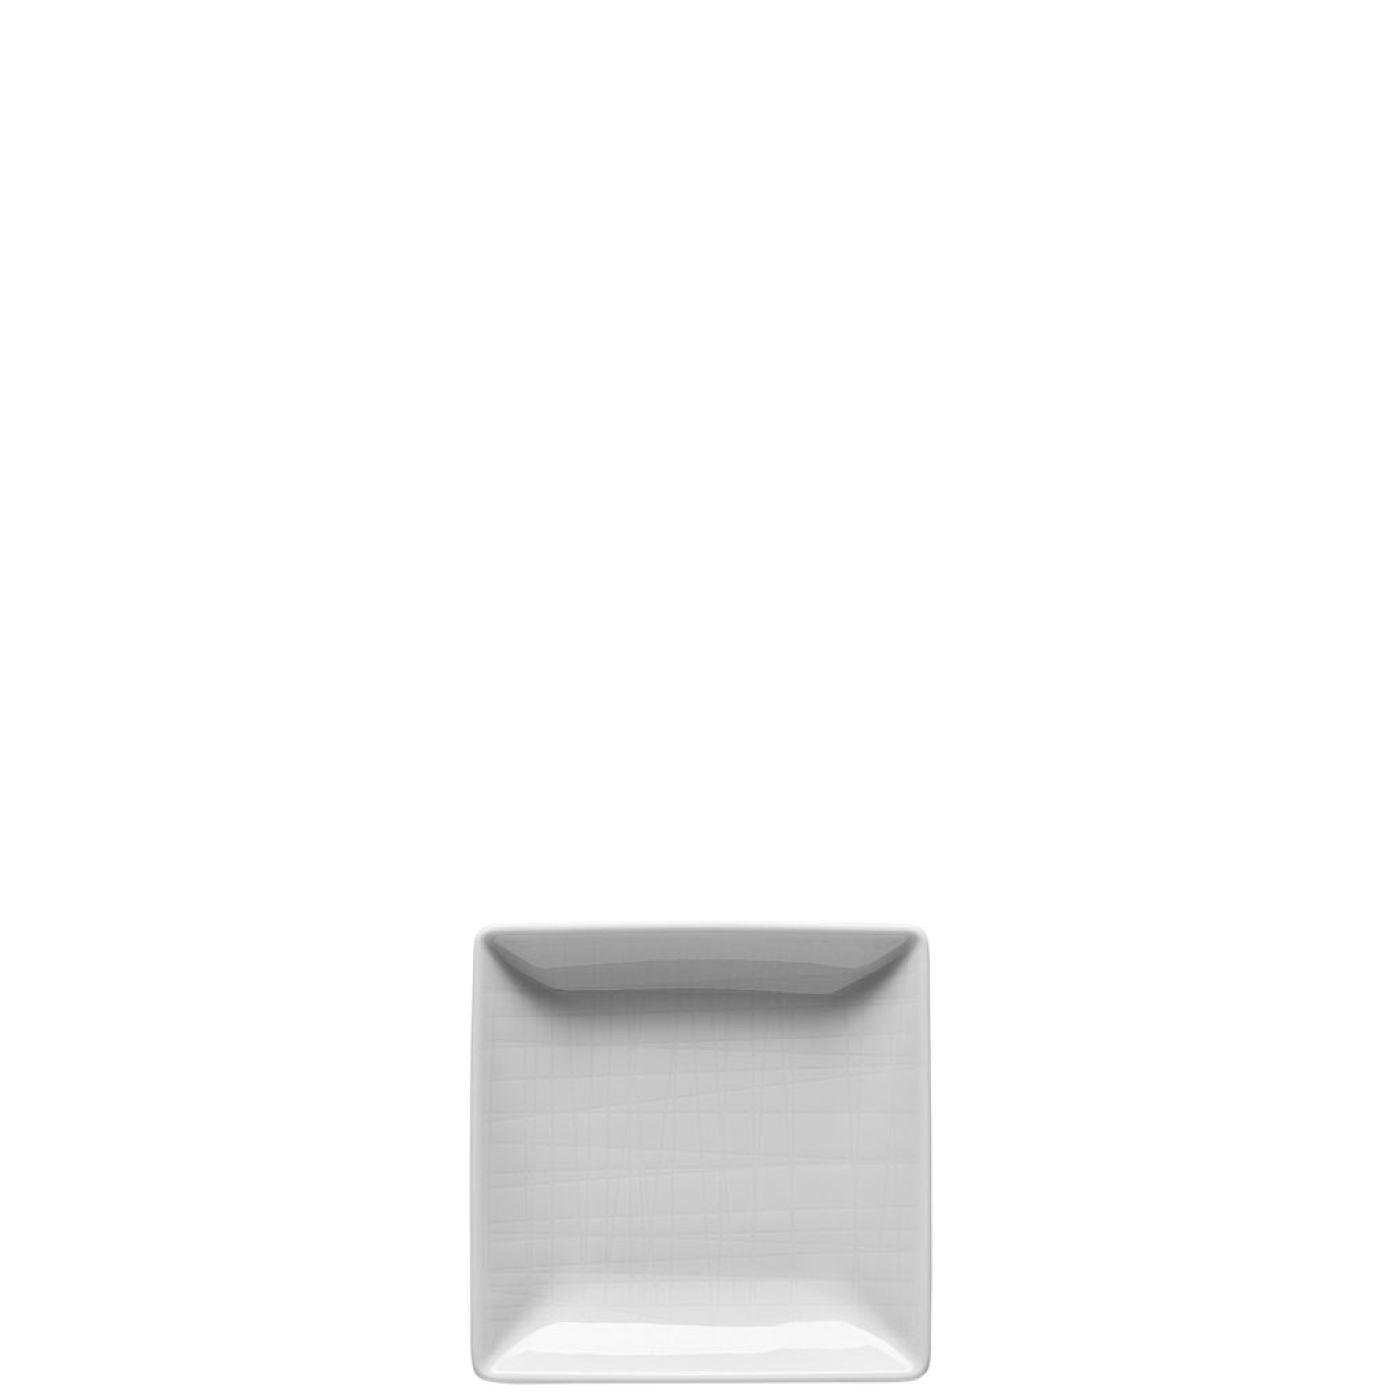 Mesh Skål kvadratisk 10 cm